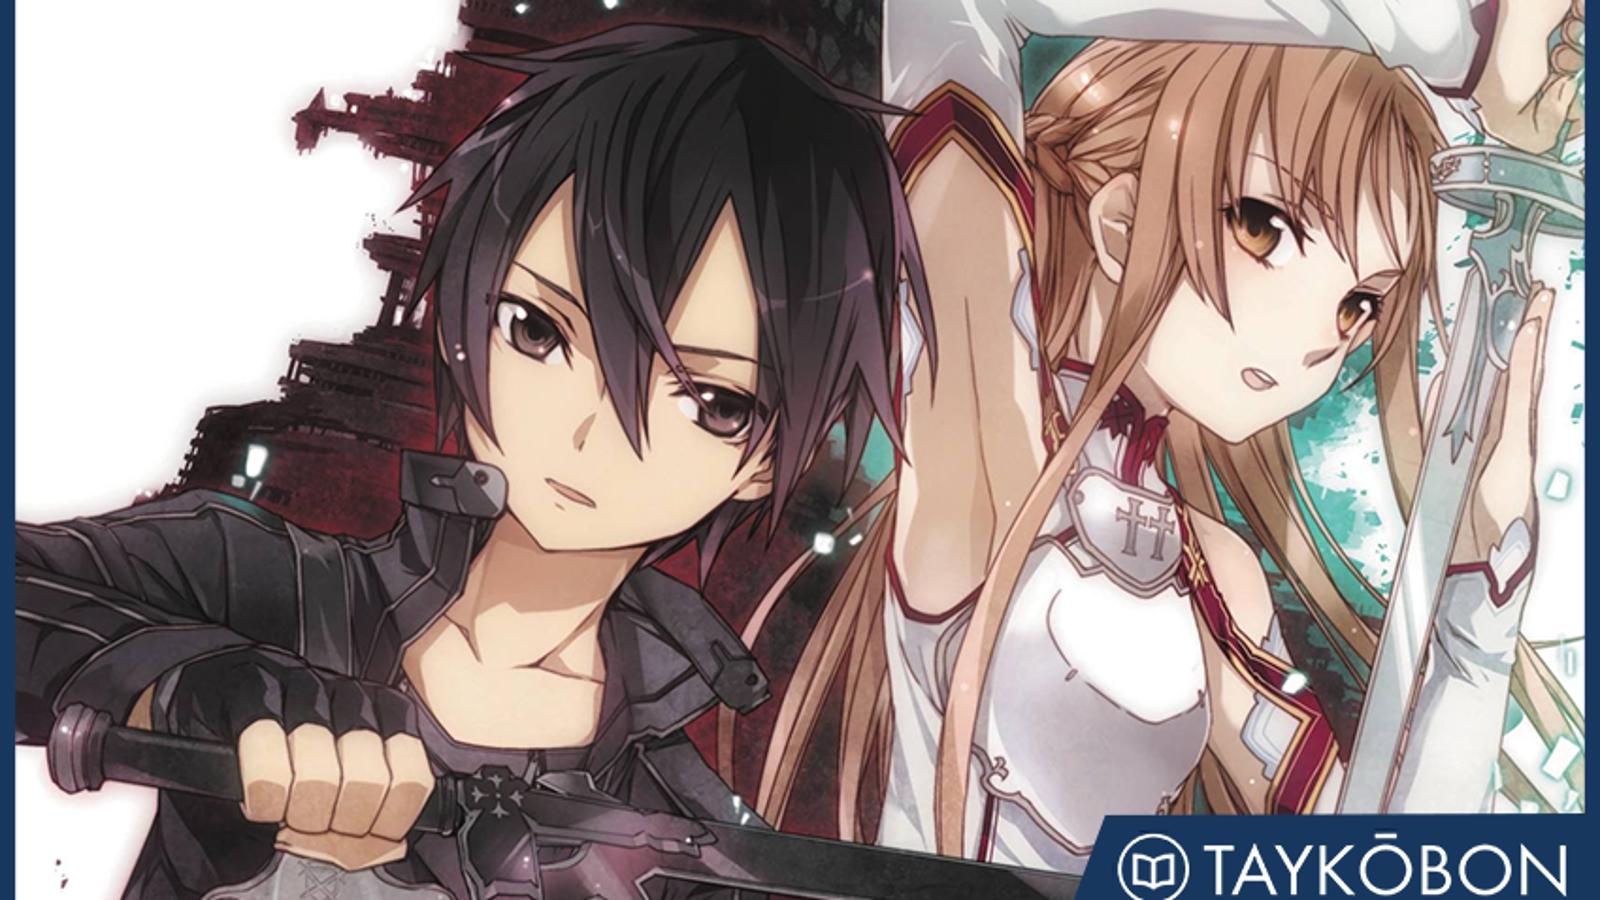 Sword Art Online Vol 1: Aincrad - Light Novel Review